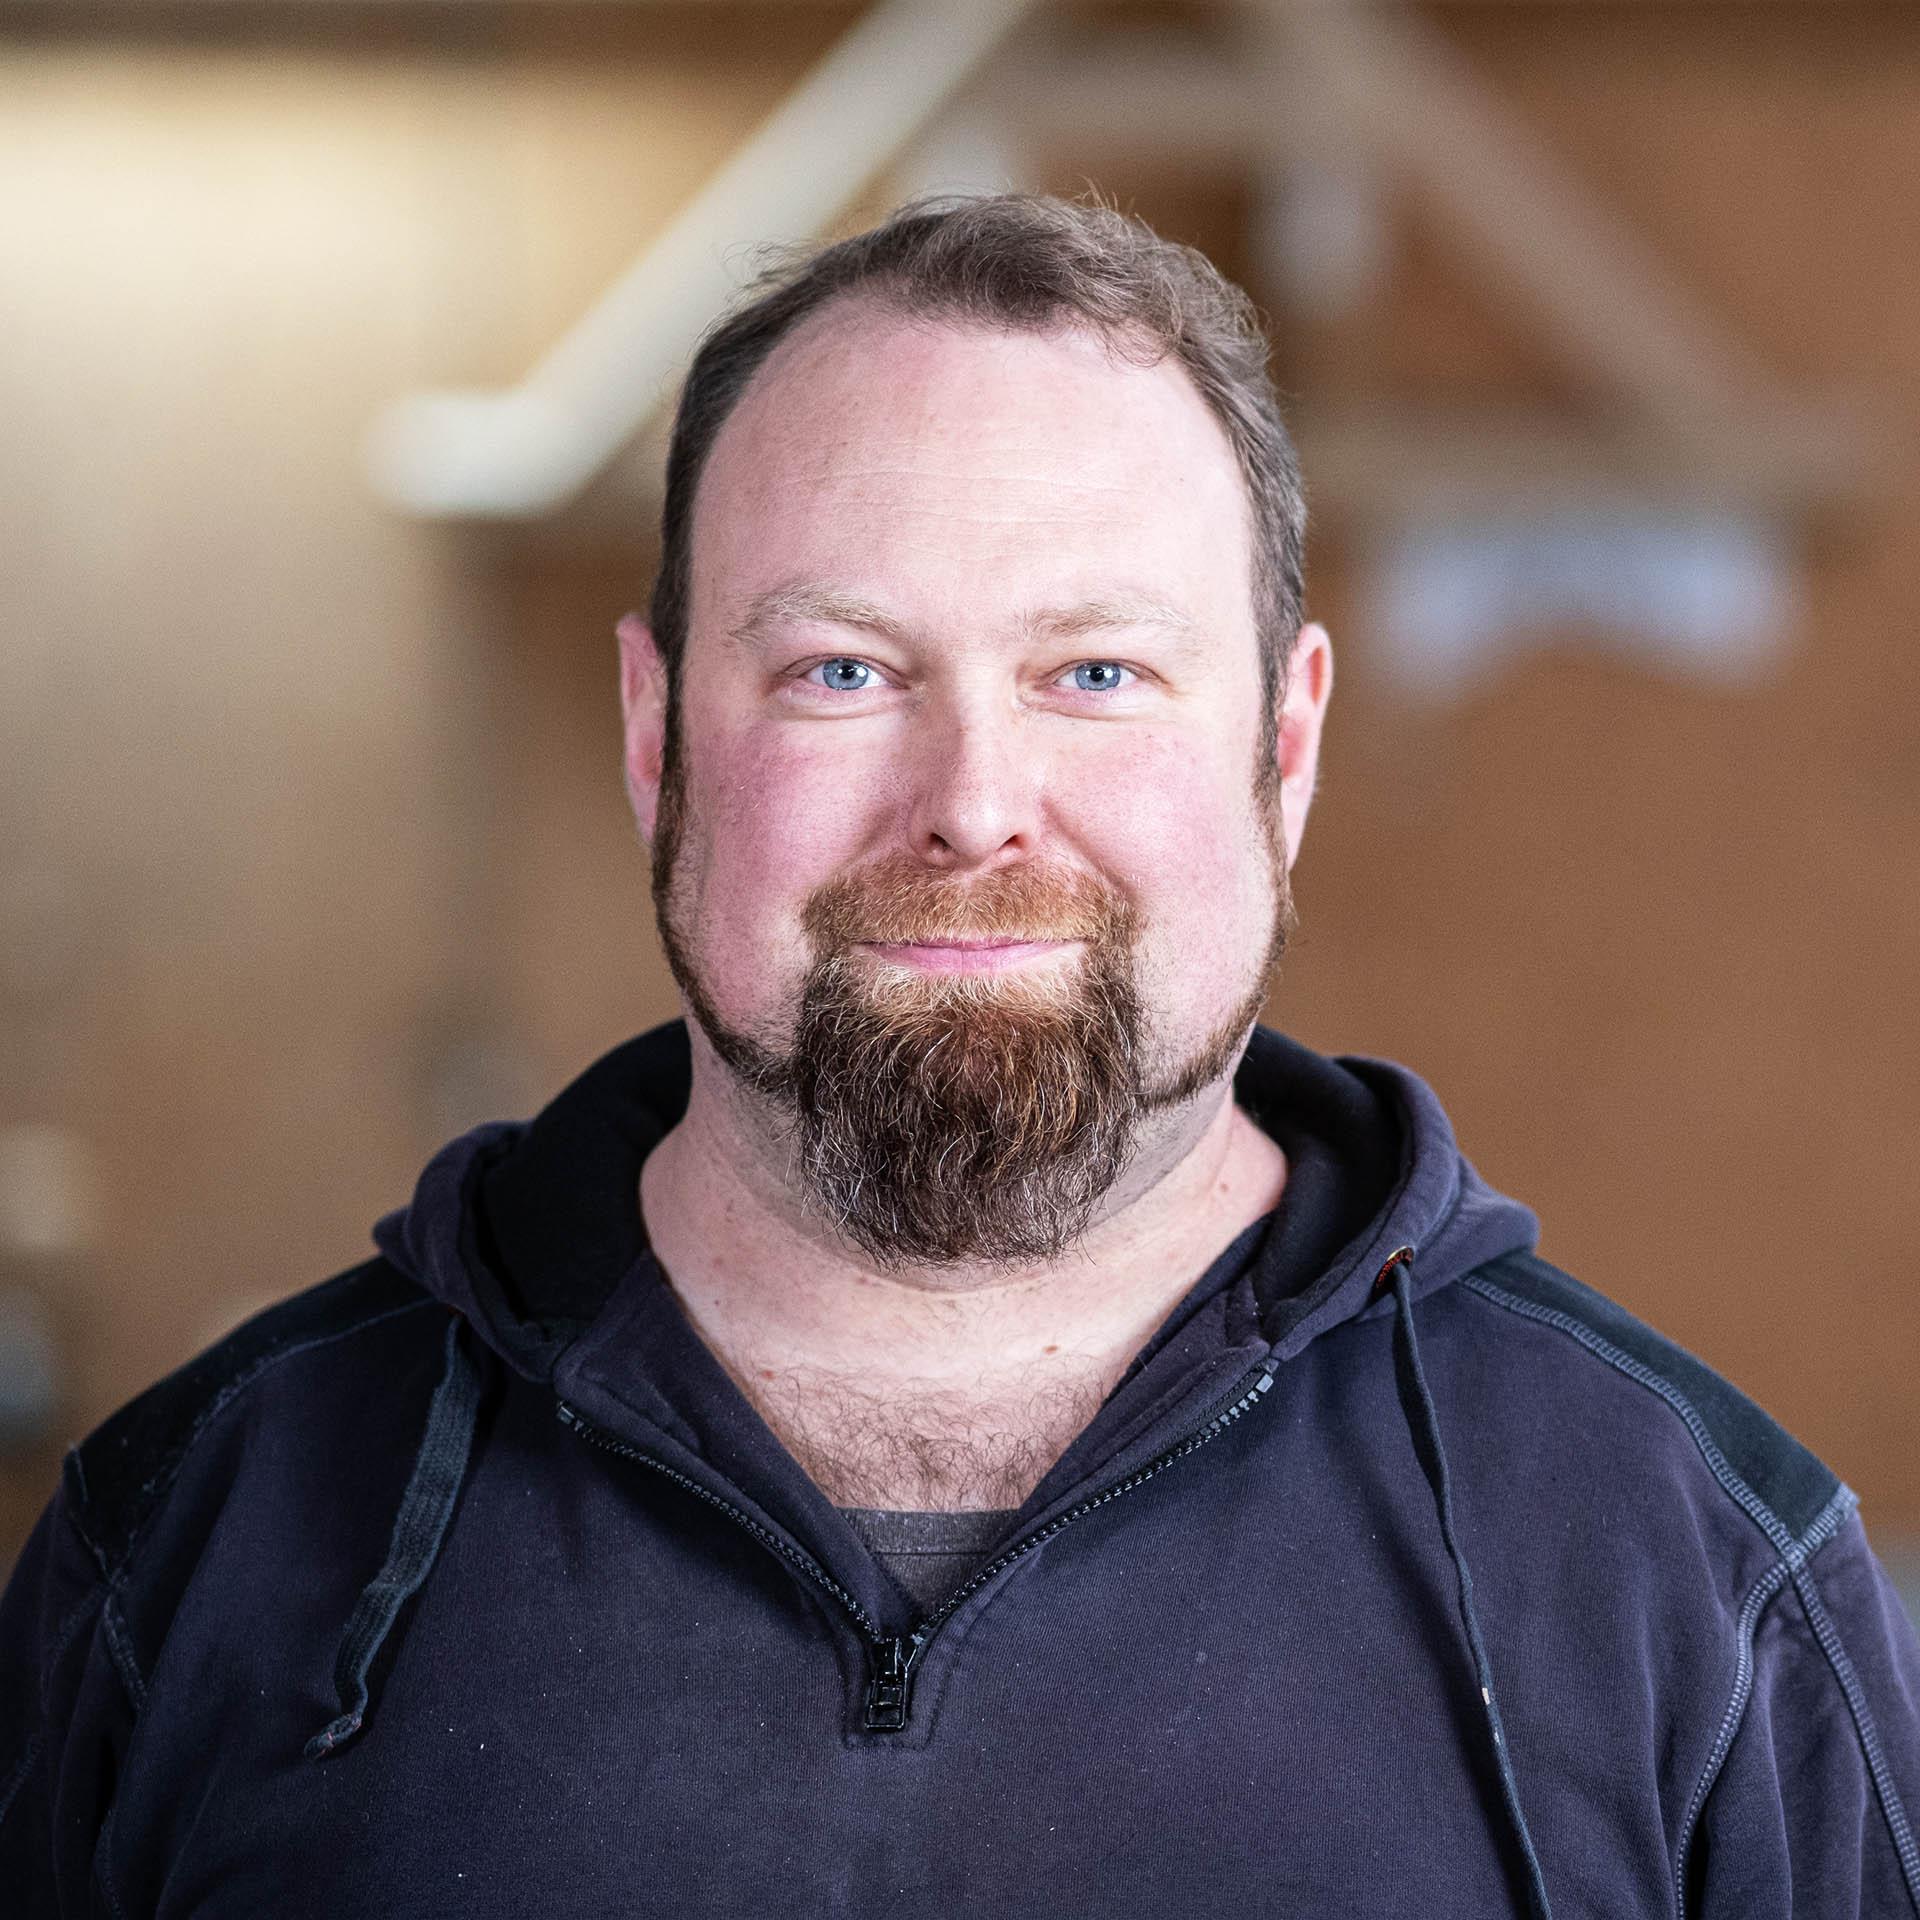 Jan Kollhorst